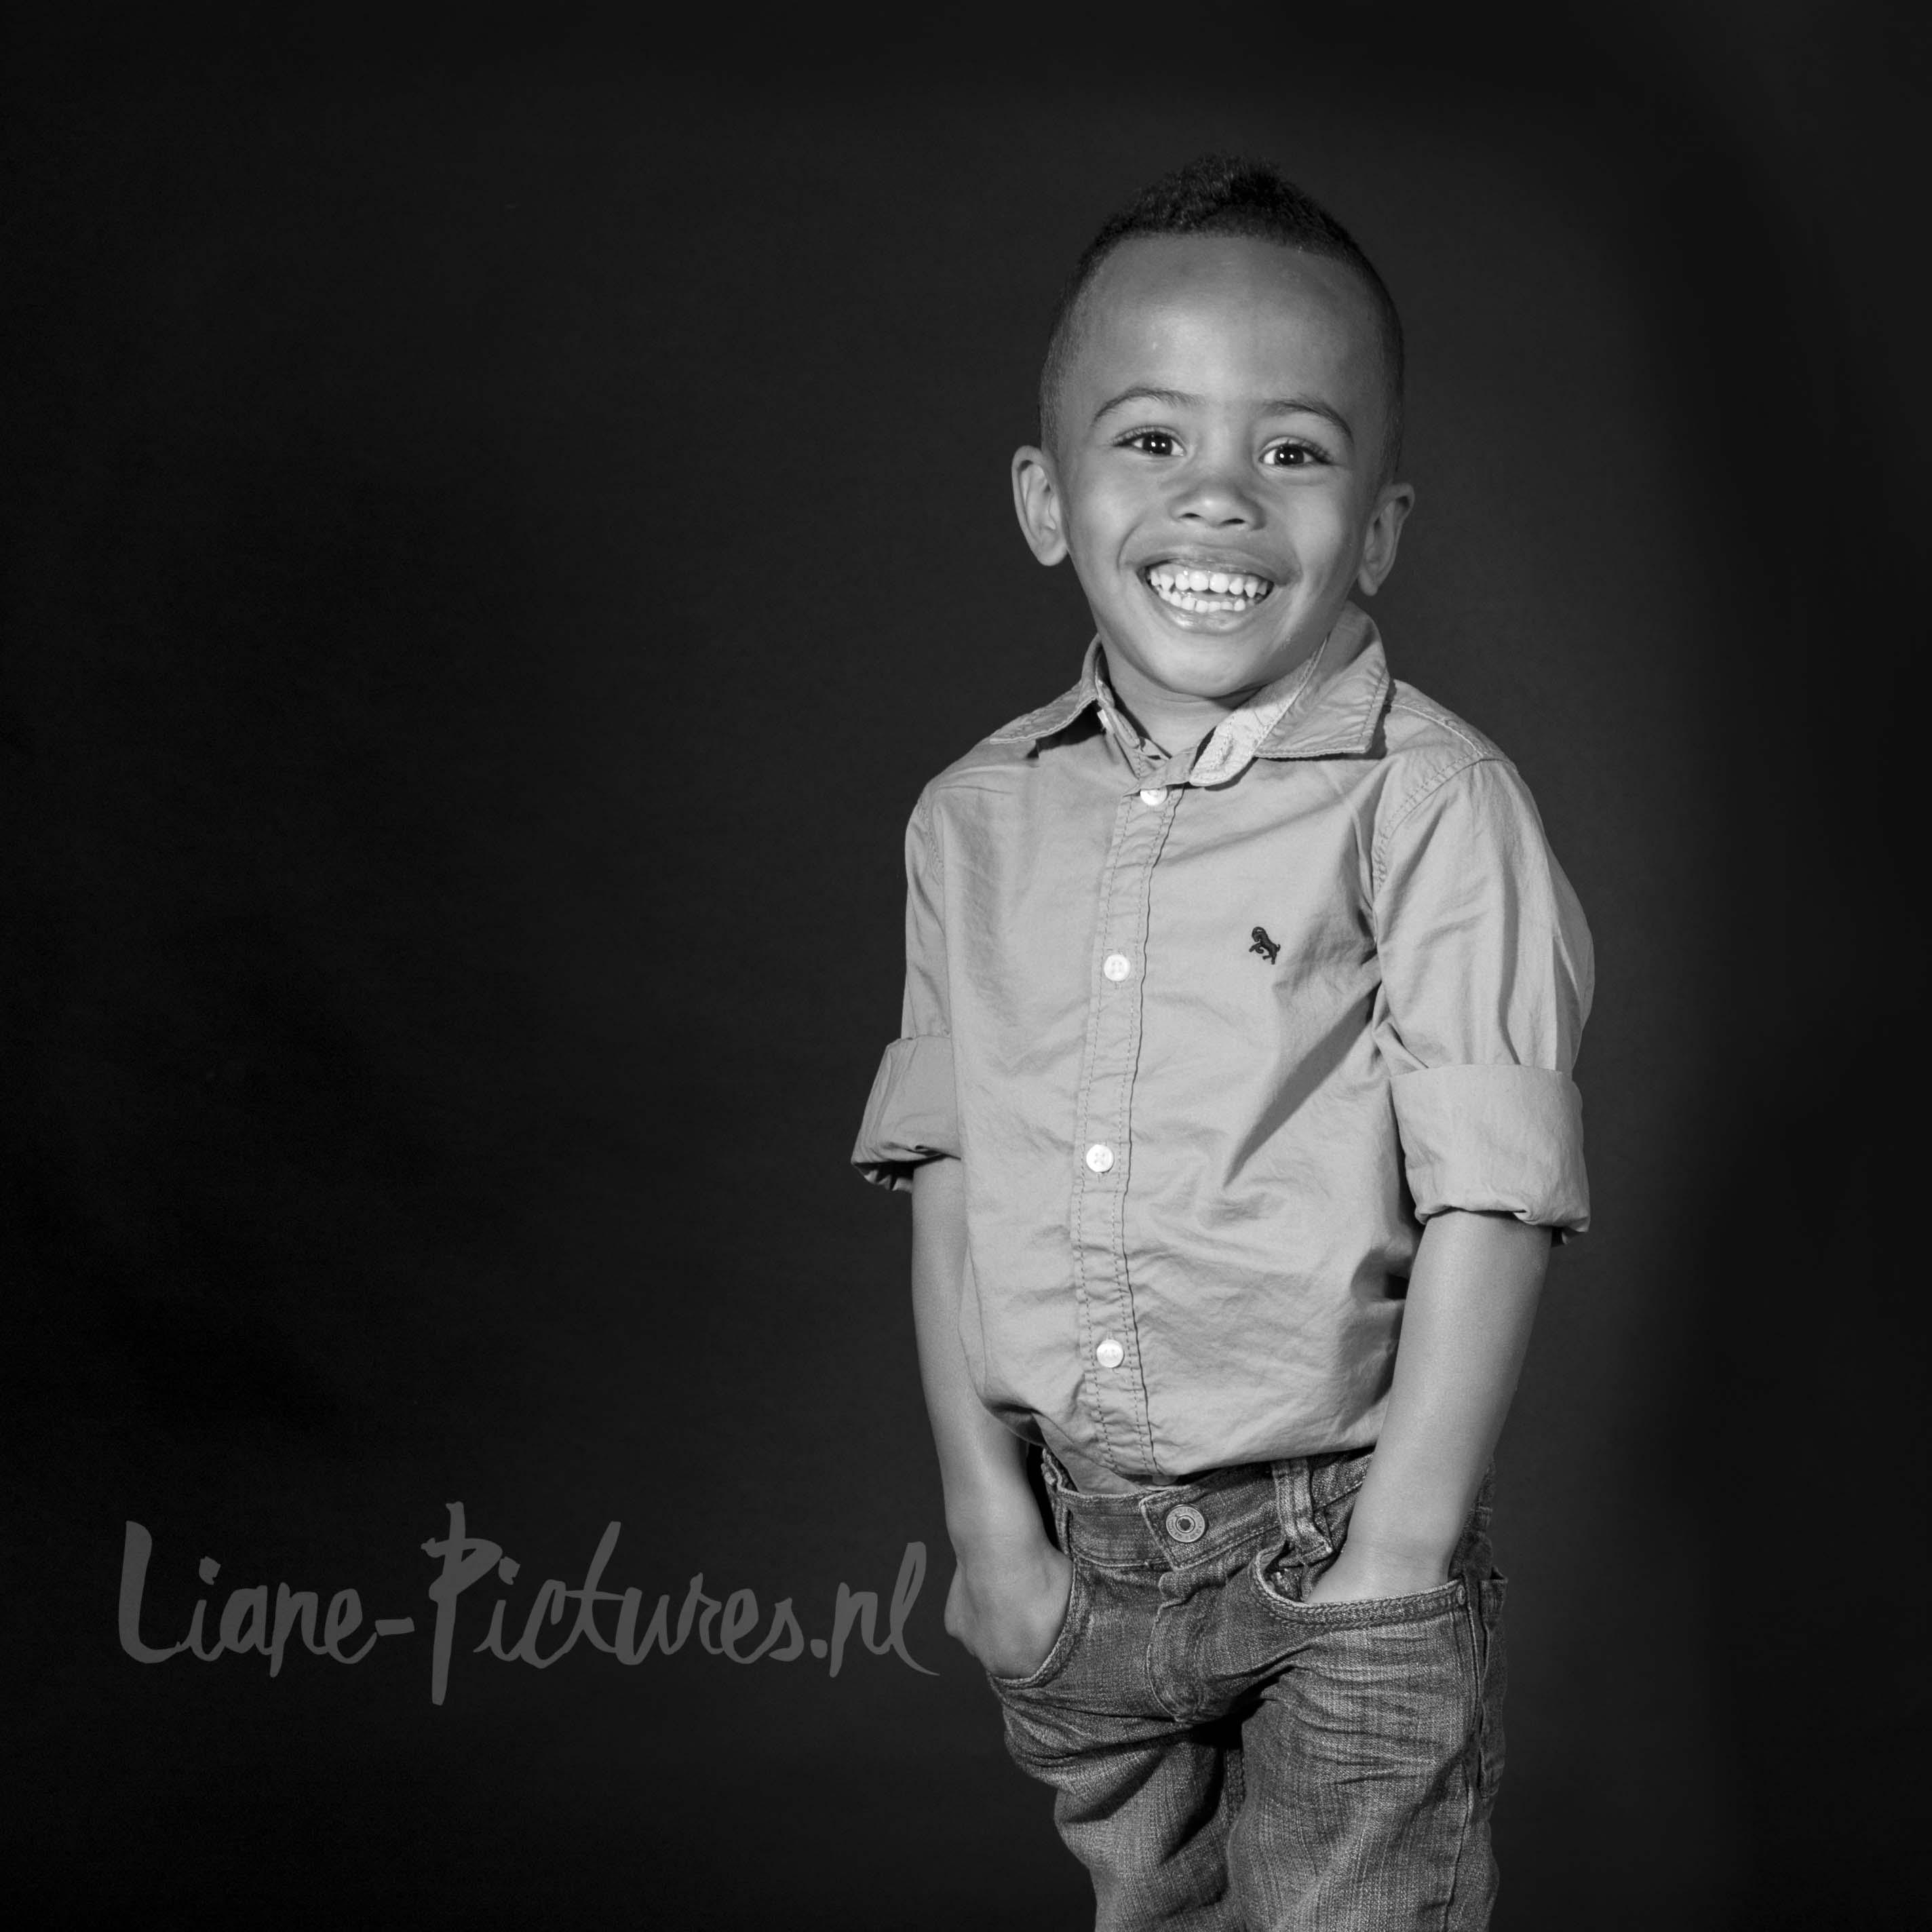 Liane-pictures